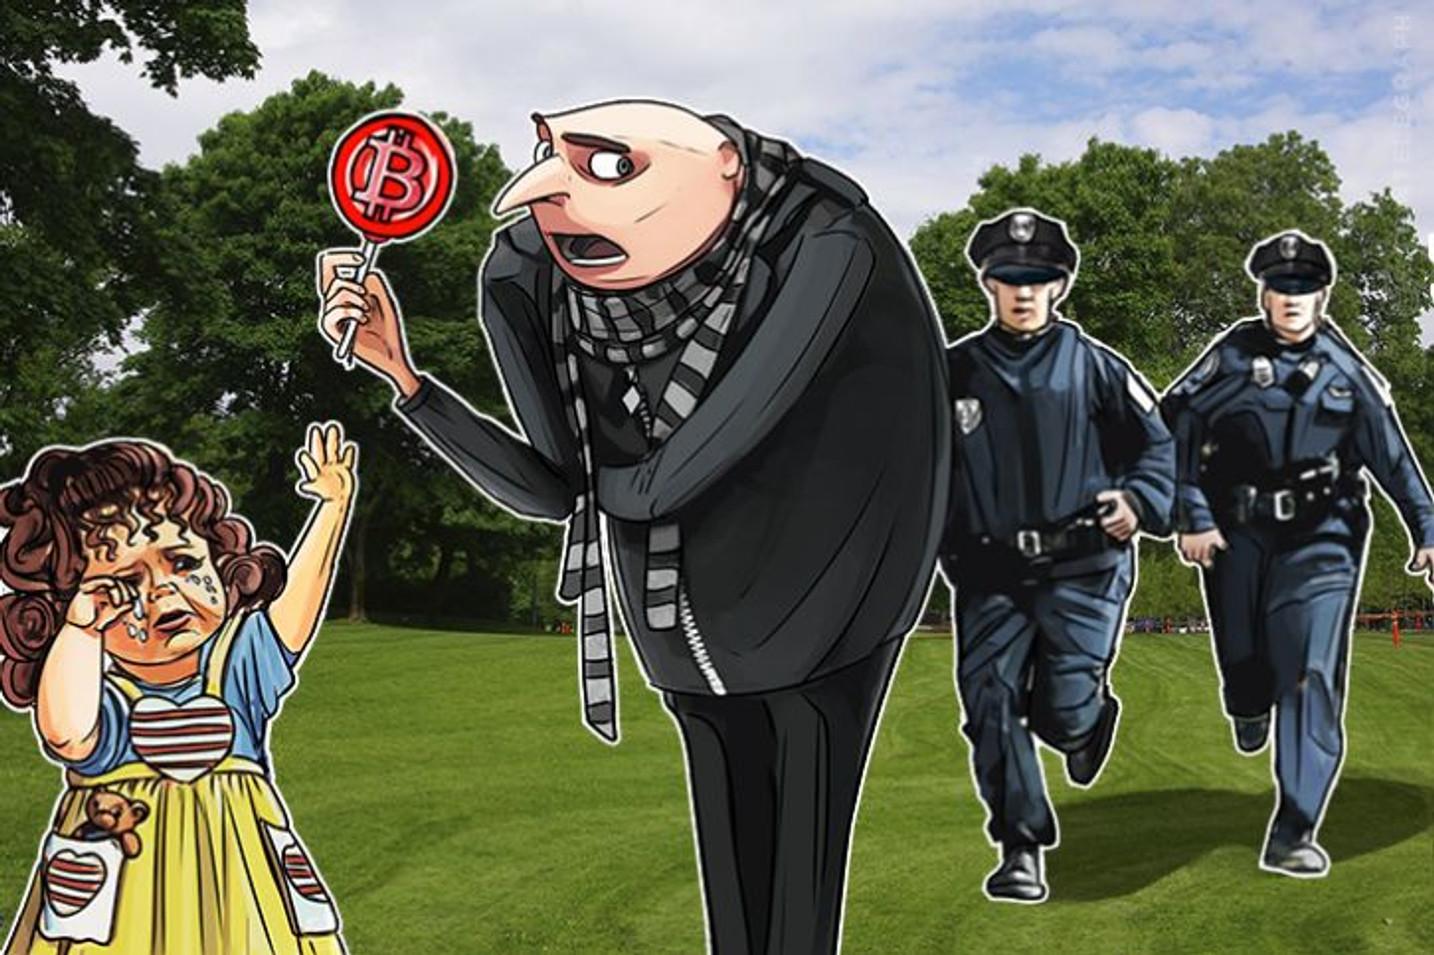 Börse erschüttert nach wiederholten Medienberichten über Verbot des anonymen Handels in Südkorea, bereits seit Dezember bekannt